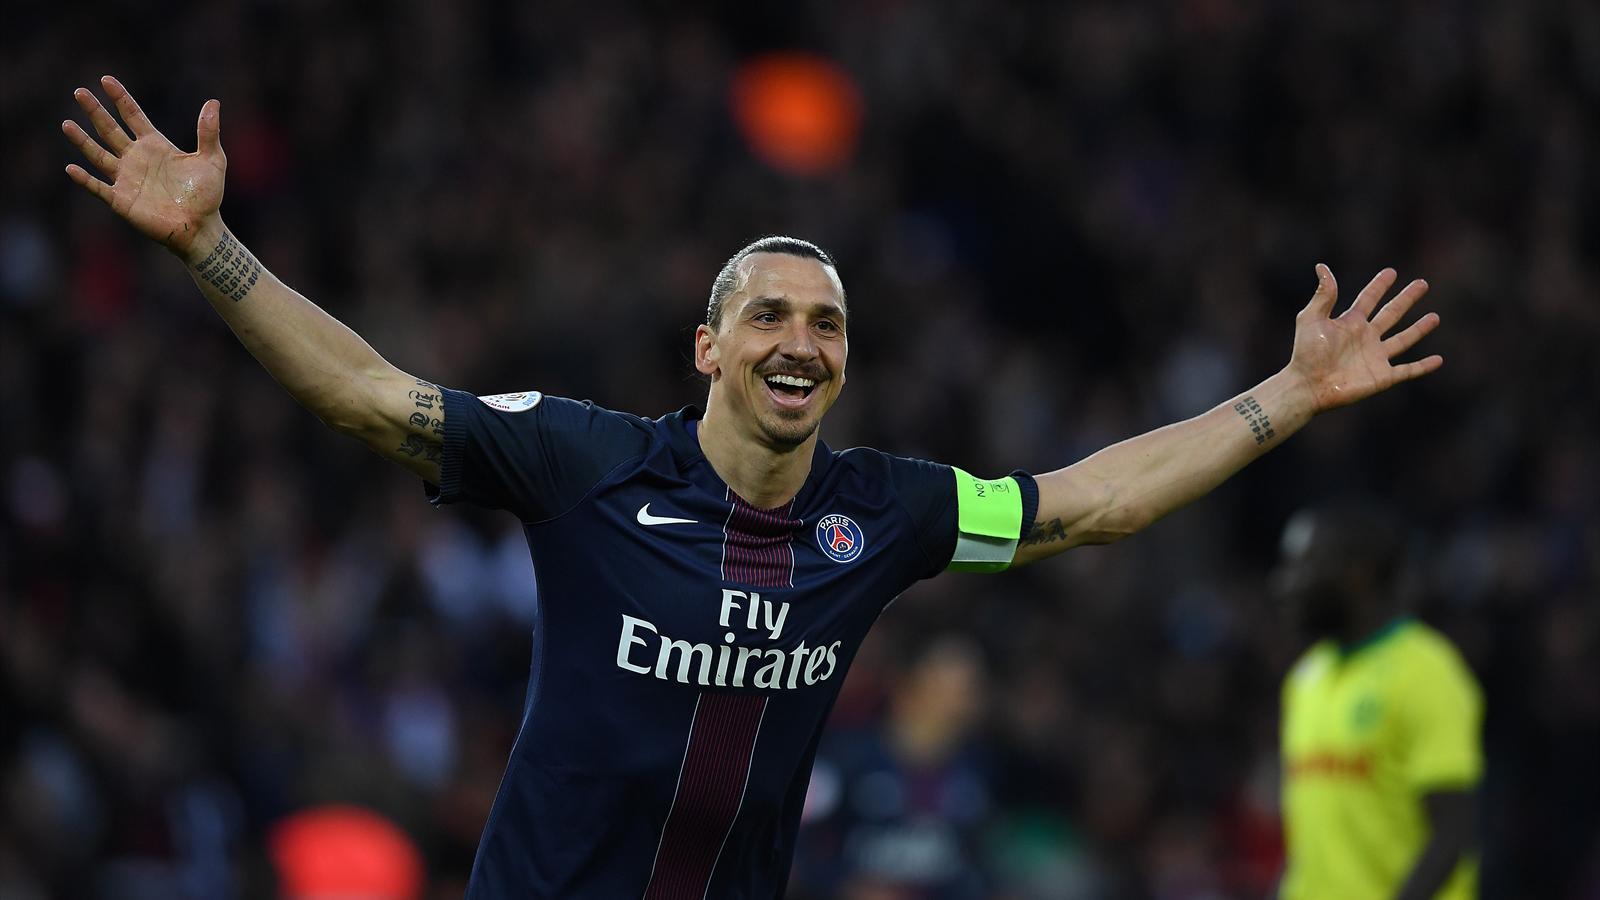 Zlatan Ibrahimovic bids farewell to Parc des Princes with scoring record - Ligue 1 2015-2016 - Football - Eurosport Australia